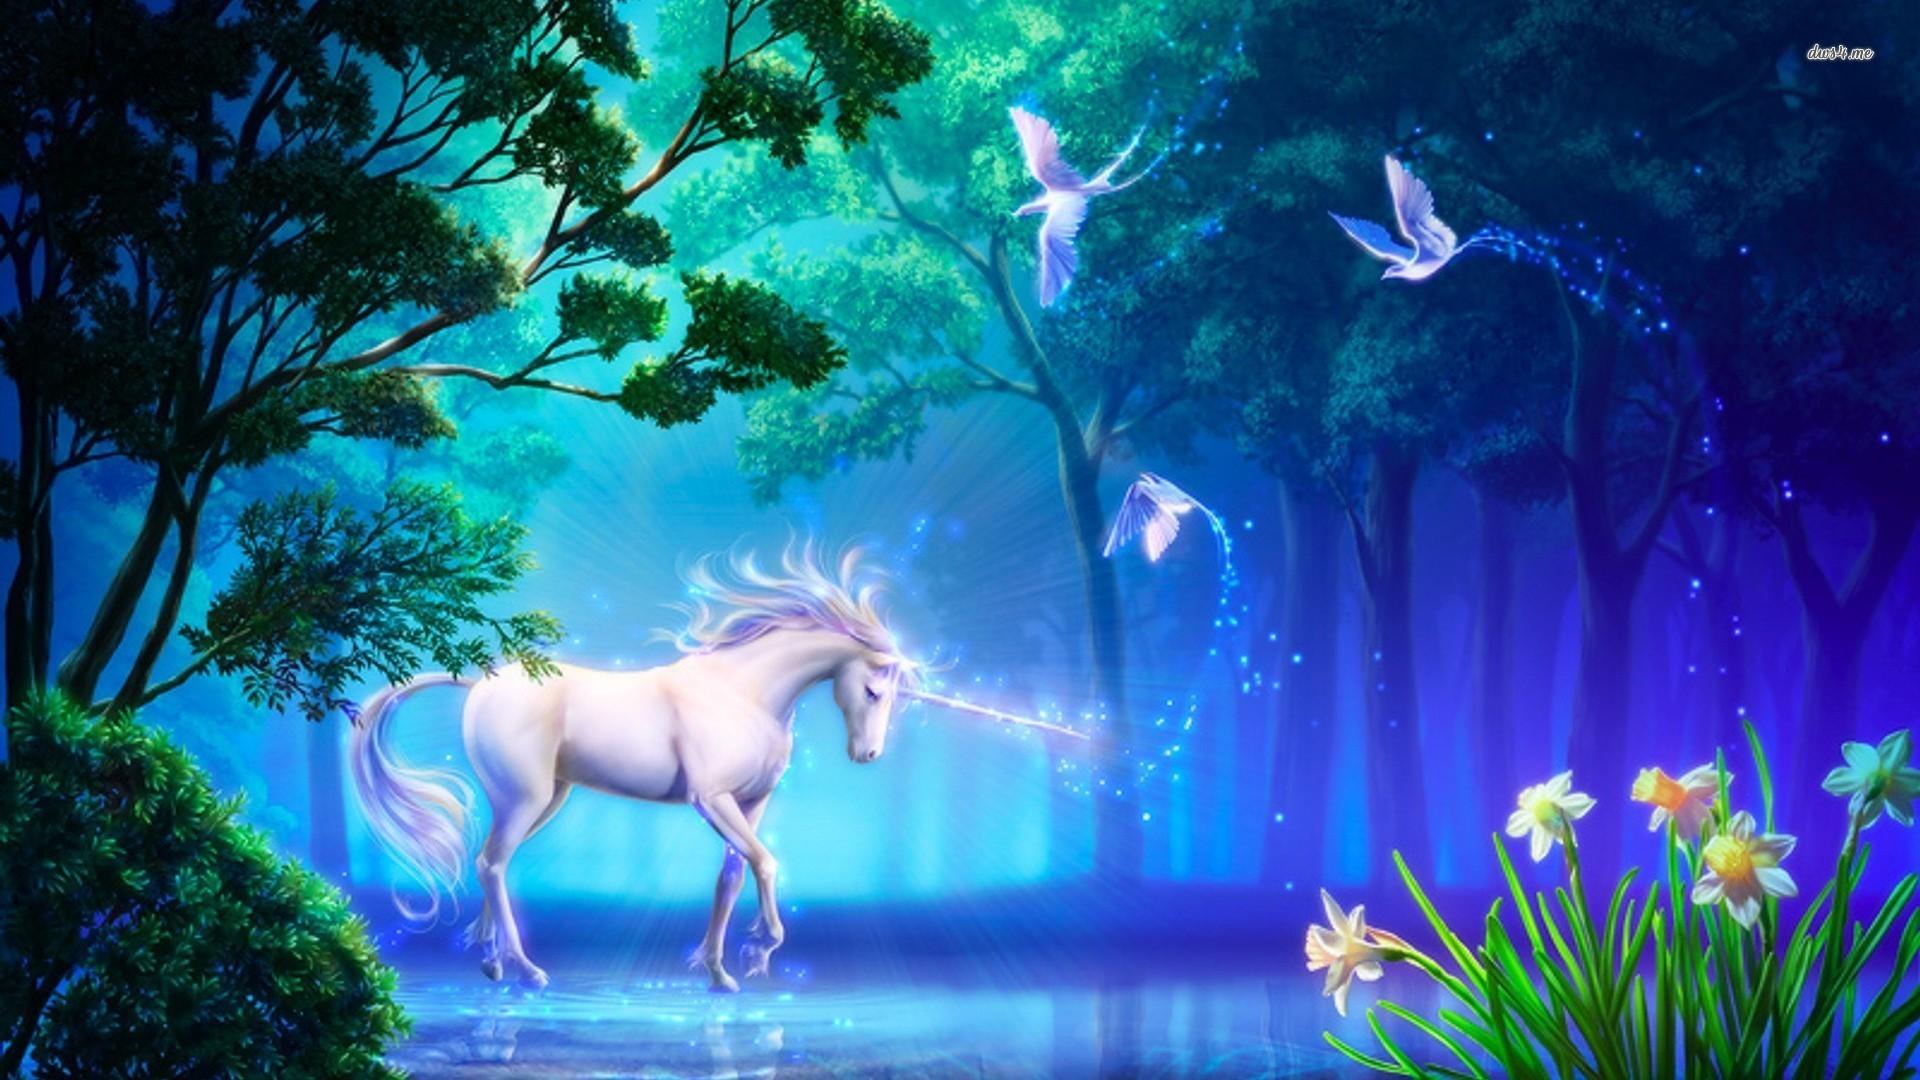 Unicorn in the forest Fantasy HD desktop wallpaper, Bird wallpaper, Forest  wallpaper, Unicorn wallpaper – Fantasy no.